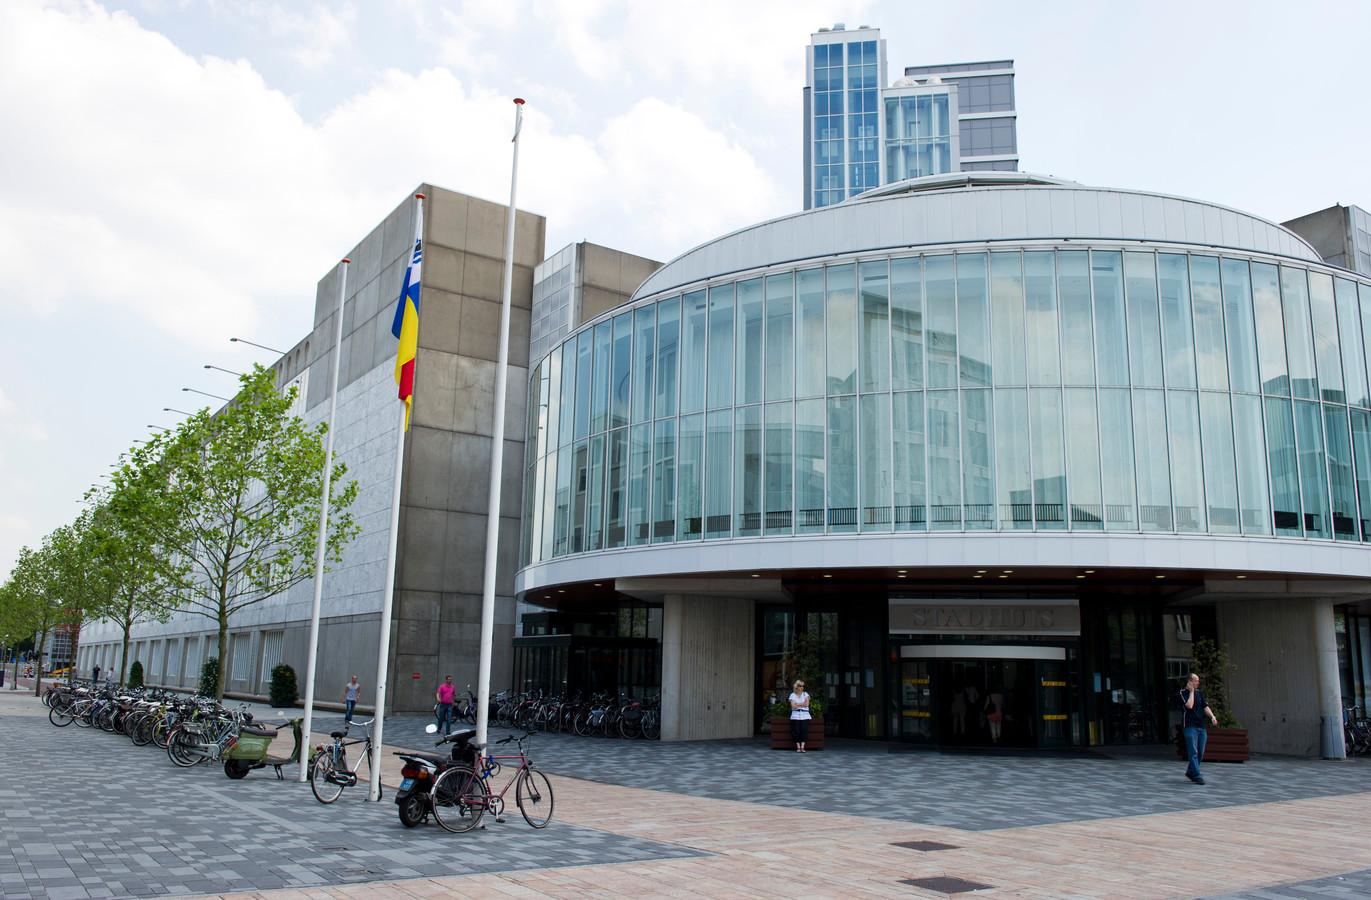 Stadhuis van Almere, foto ter illustratie